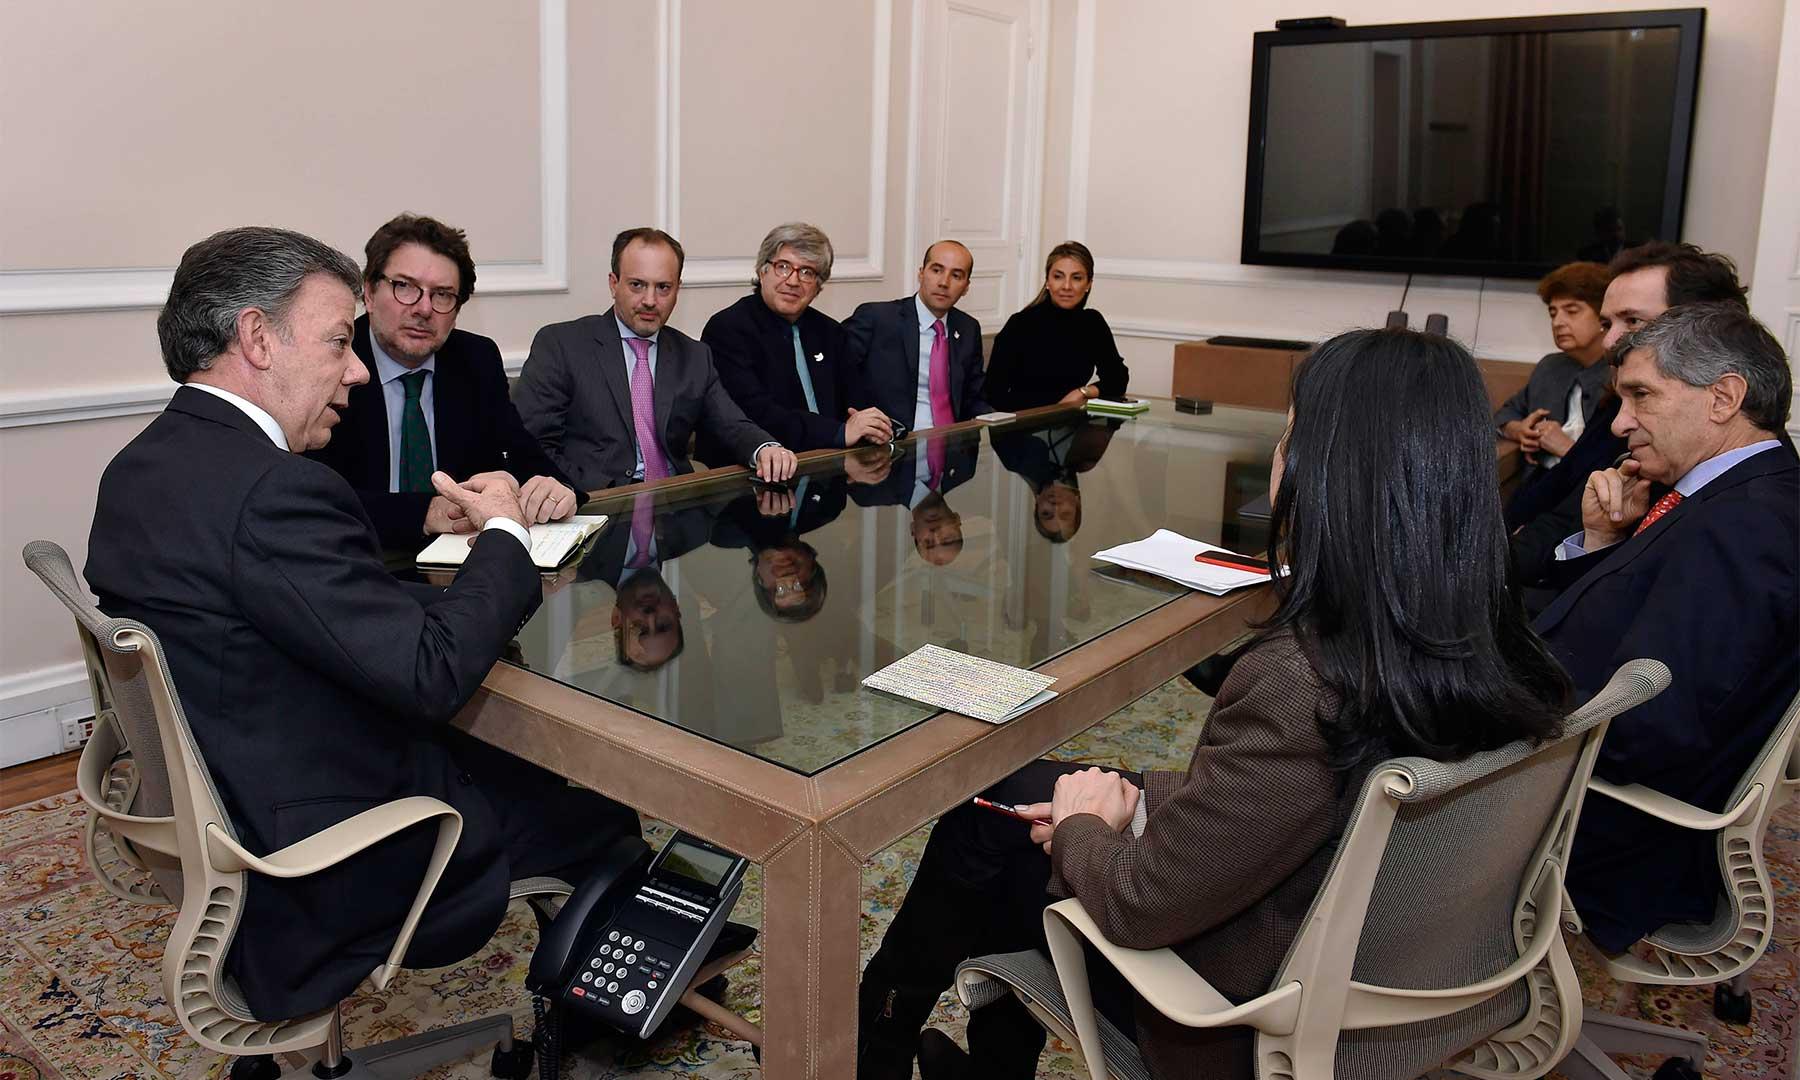 En la noche de este miércoles el Jefe del Estado se reunió, en la Casa de Nariño, con los nuevos funcionarios que aportarán su concurso en la parte administrativa y directiva de la Presidencia de la República.